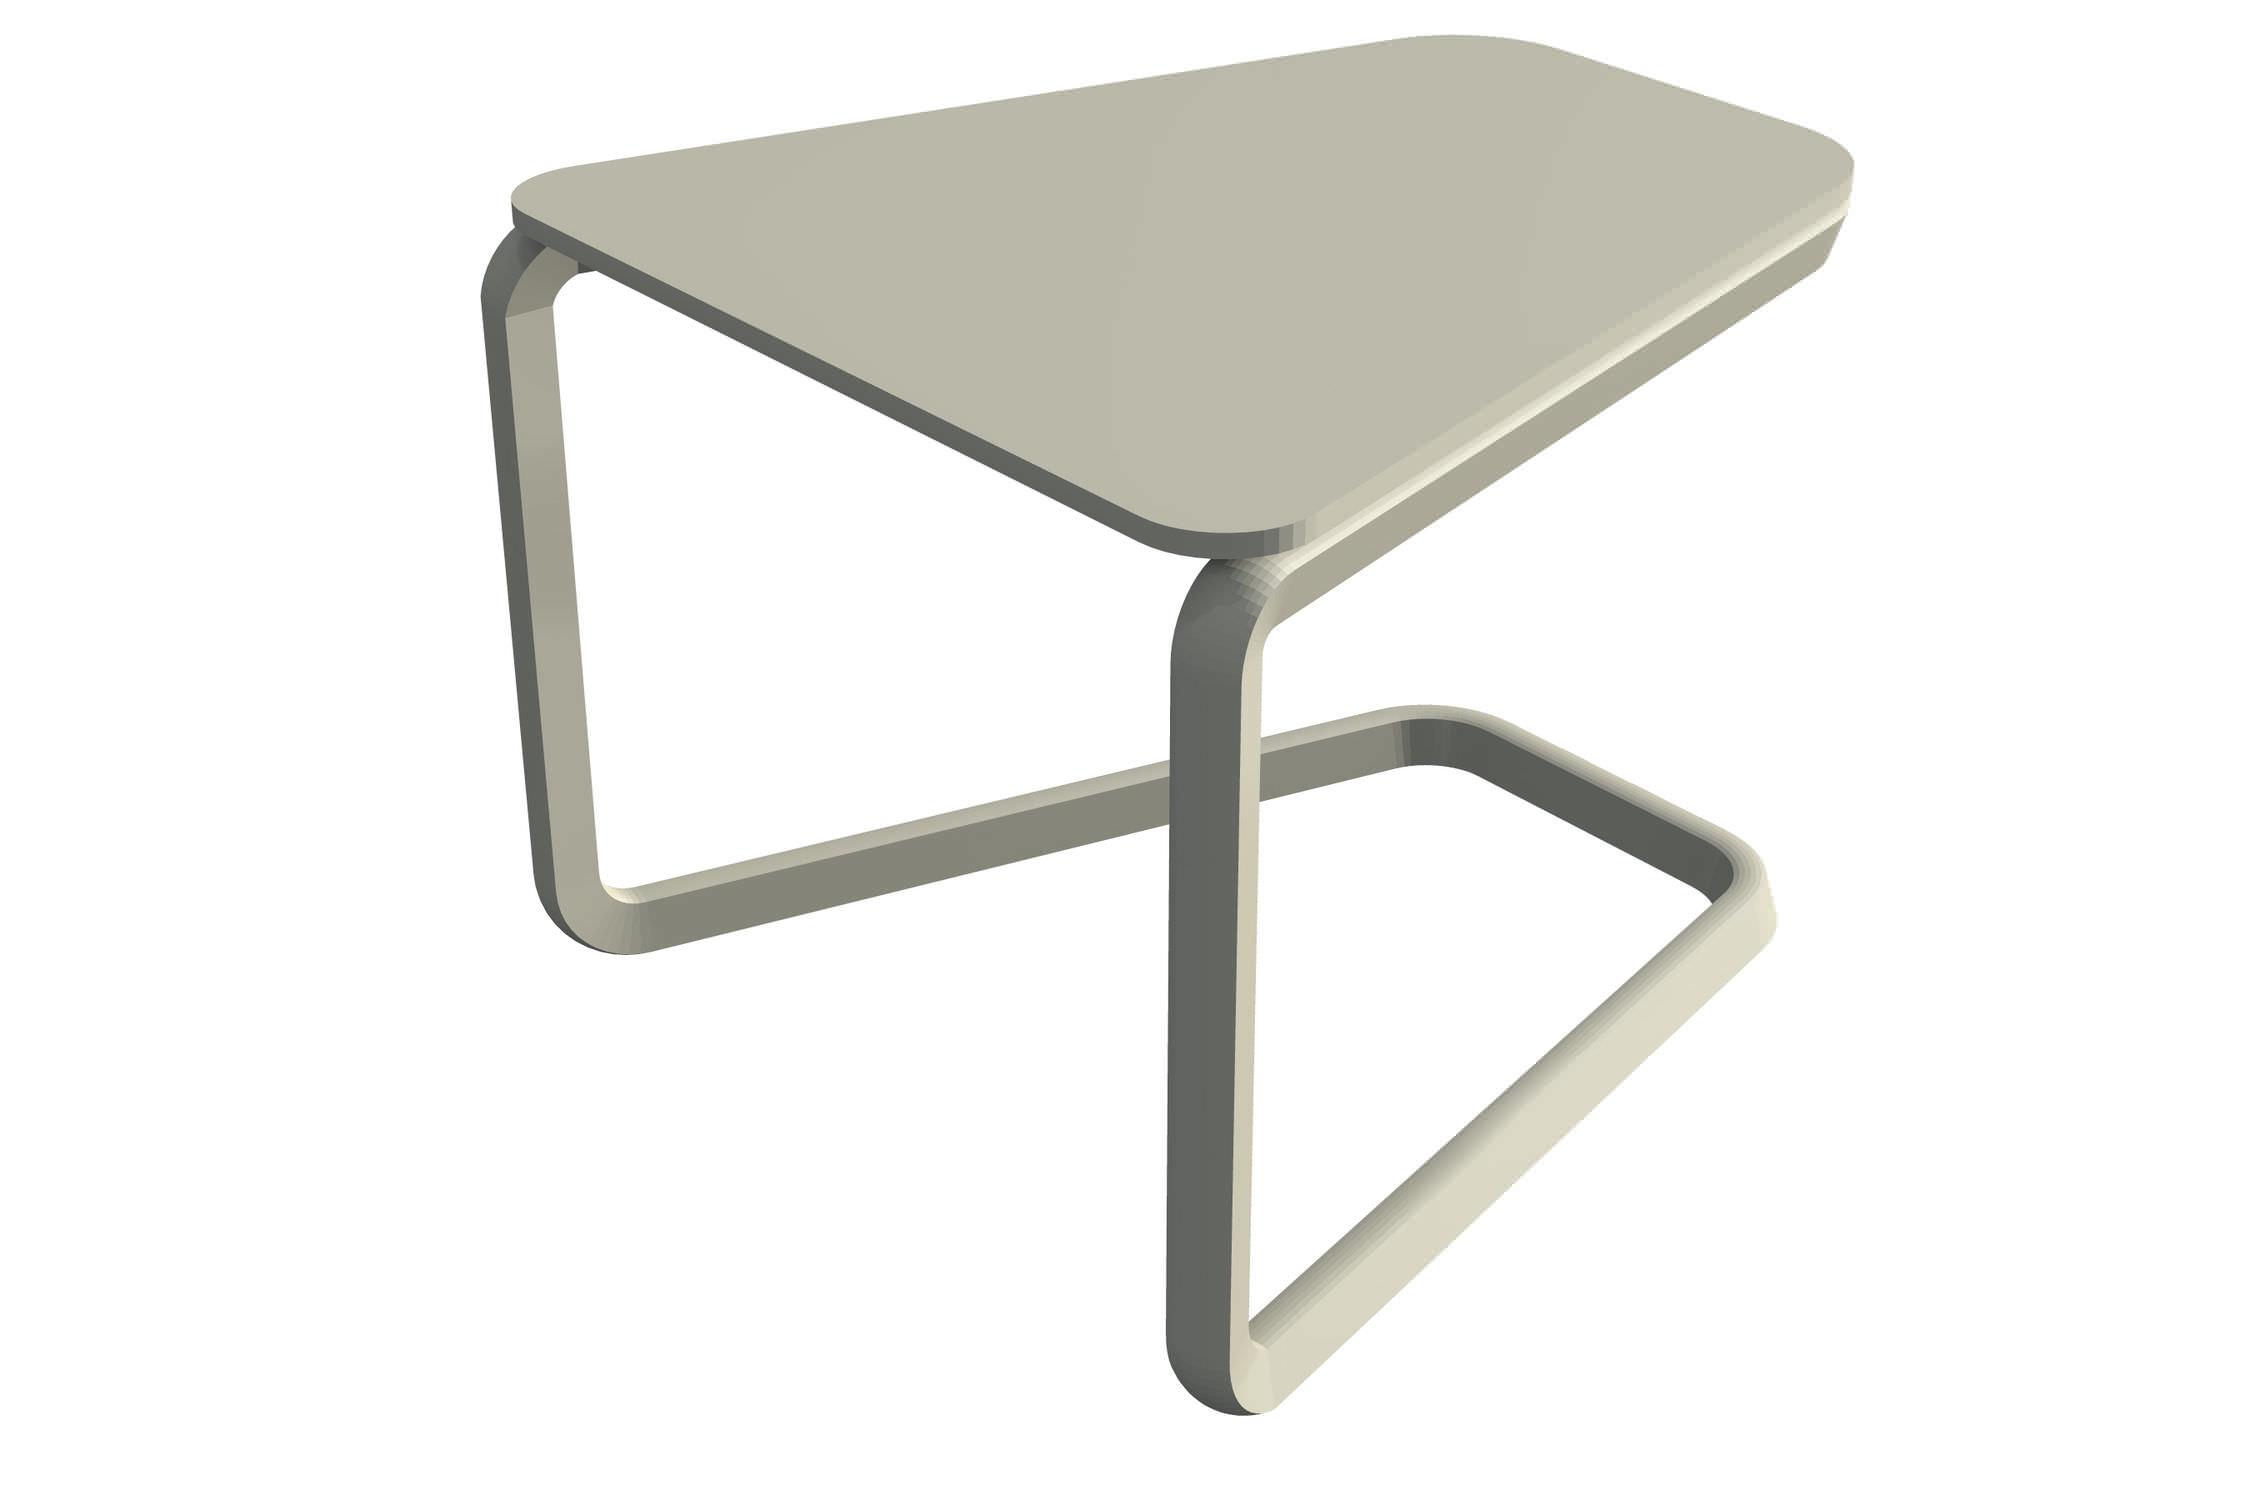 Table basse contemporaine en métal trapézo¯dale de jardin